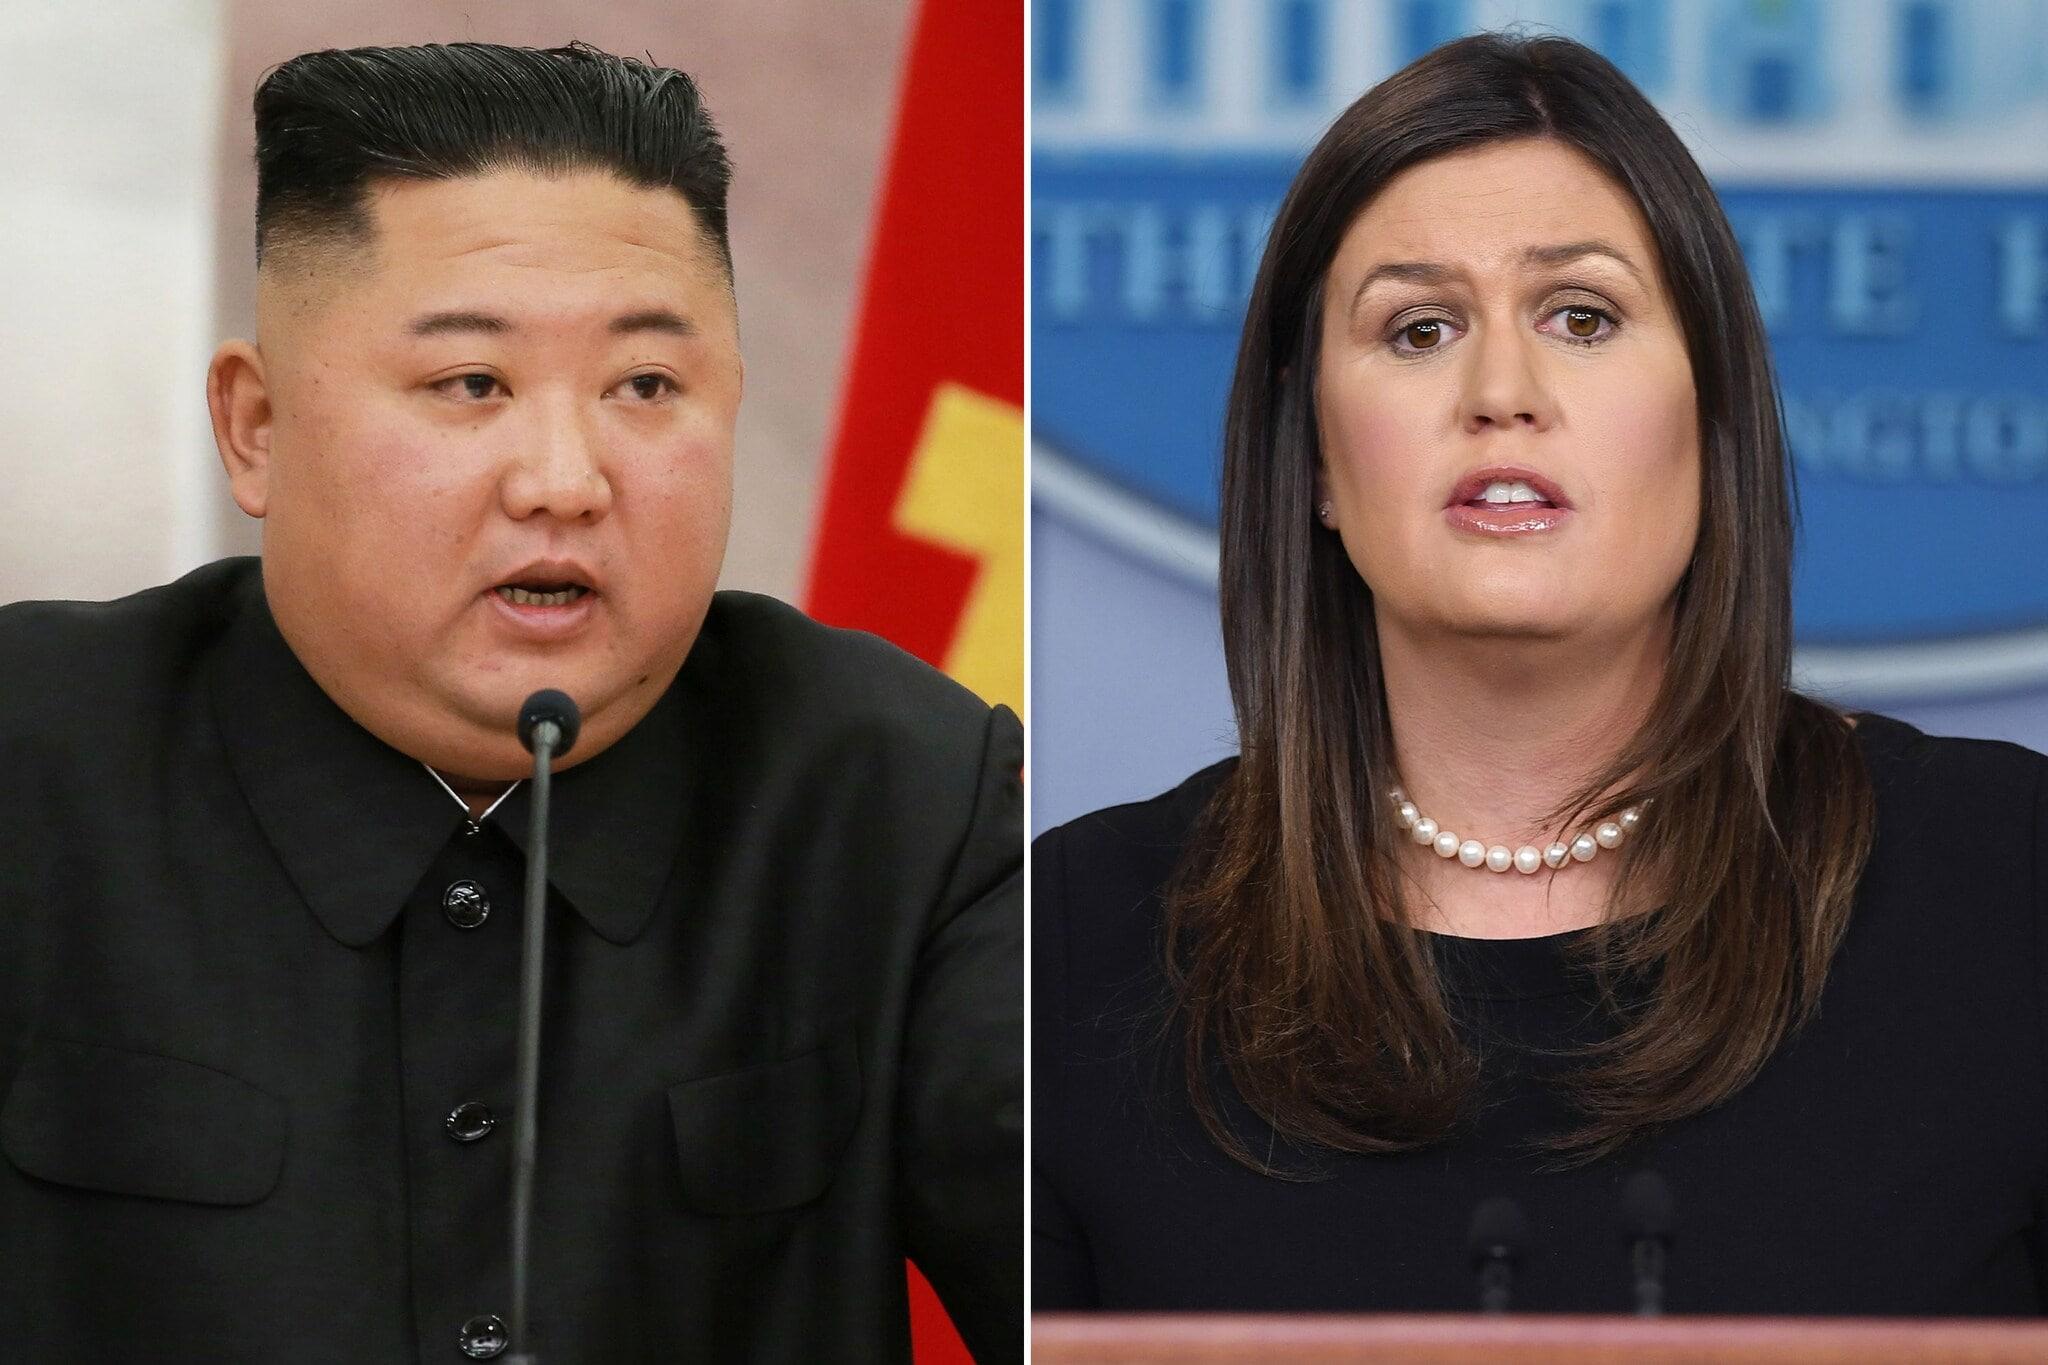 ट्रम्प यांनी साराला मजेदार स्वरात सांगितले की, आता आपण आपल्या फायद्यासाठी उत्तर कोरियाला जात आहोत. द गार्डियनच्या अहवालानुसार, सारा सँडर्सचे पुस्तक स्पीकिंग फॉर मायसेल्फ पुढील मंगळवारी प्रसिद्ध होईल. रिपब्लिकन पक्षाशी संबंधित असलेल्या सारा एका मोठ्या कुटुंबाशी संगल्न आहे. (फोटो- AFP)